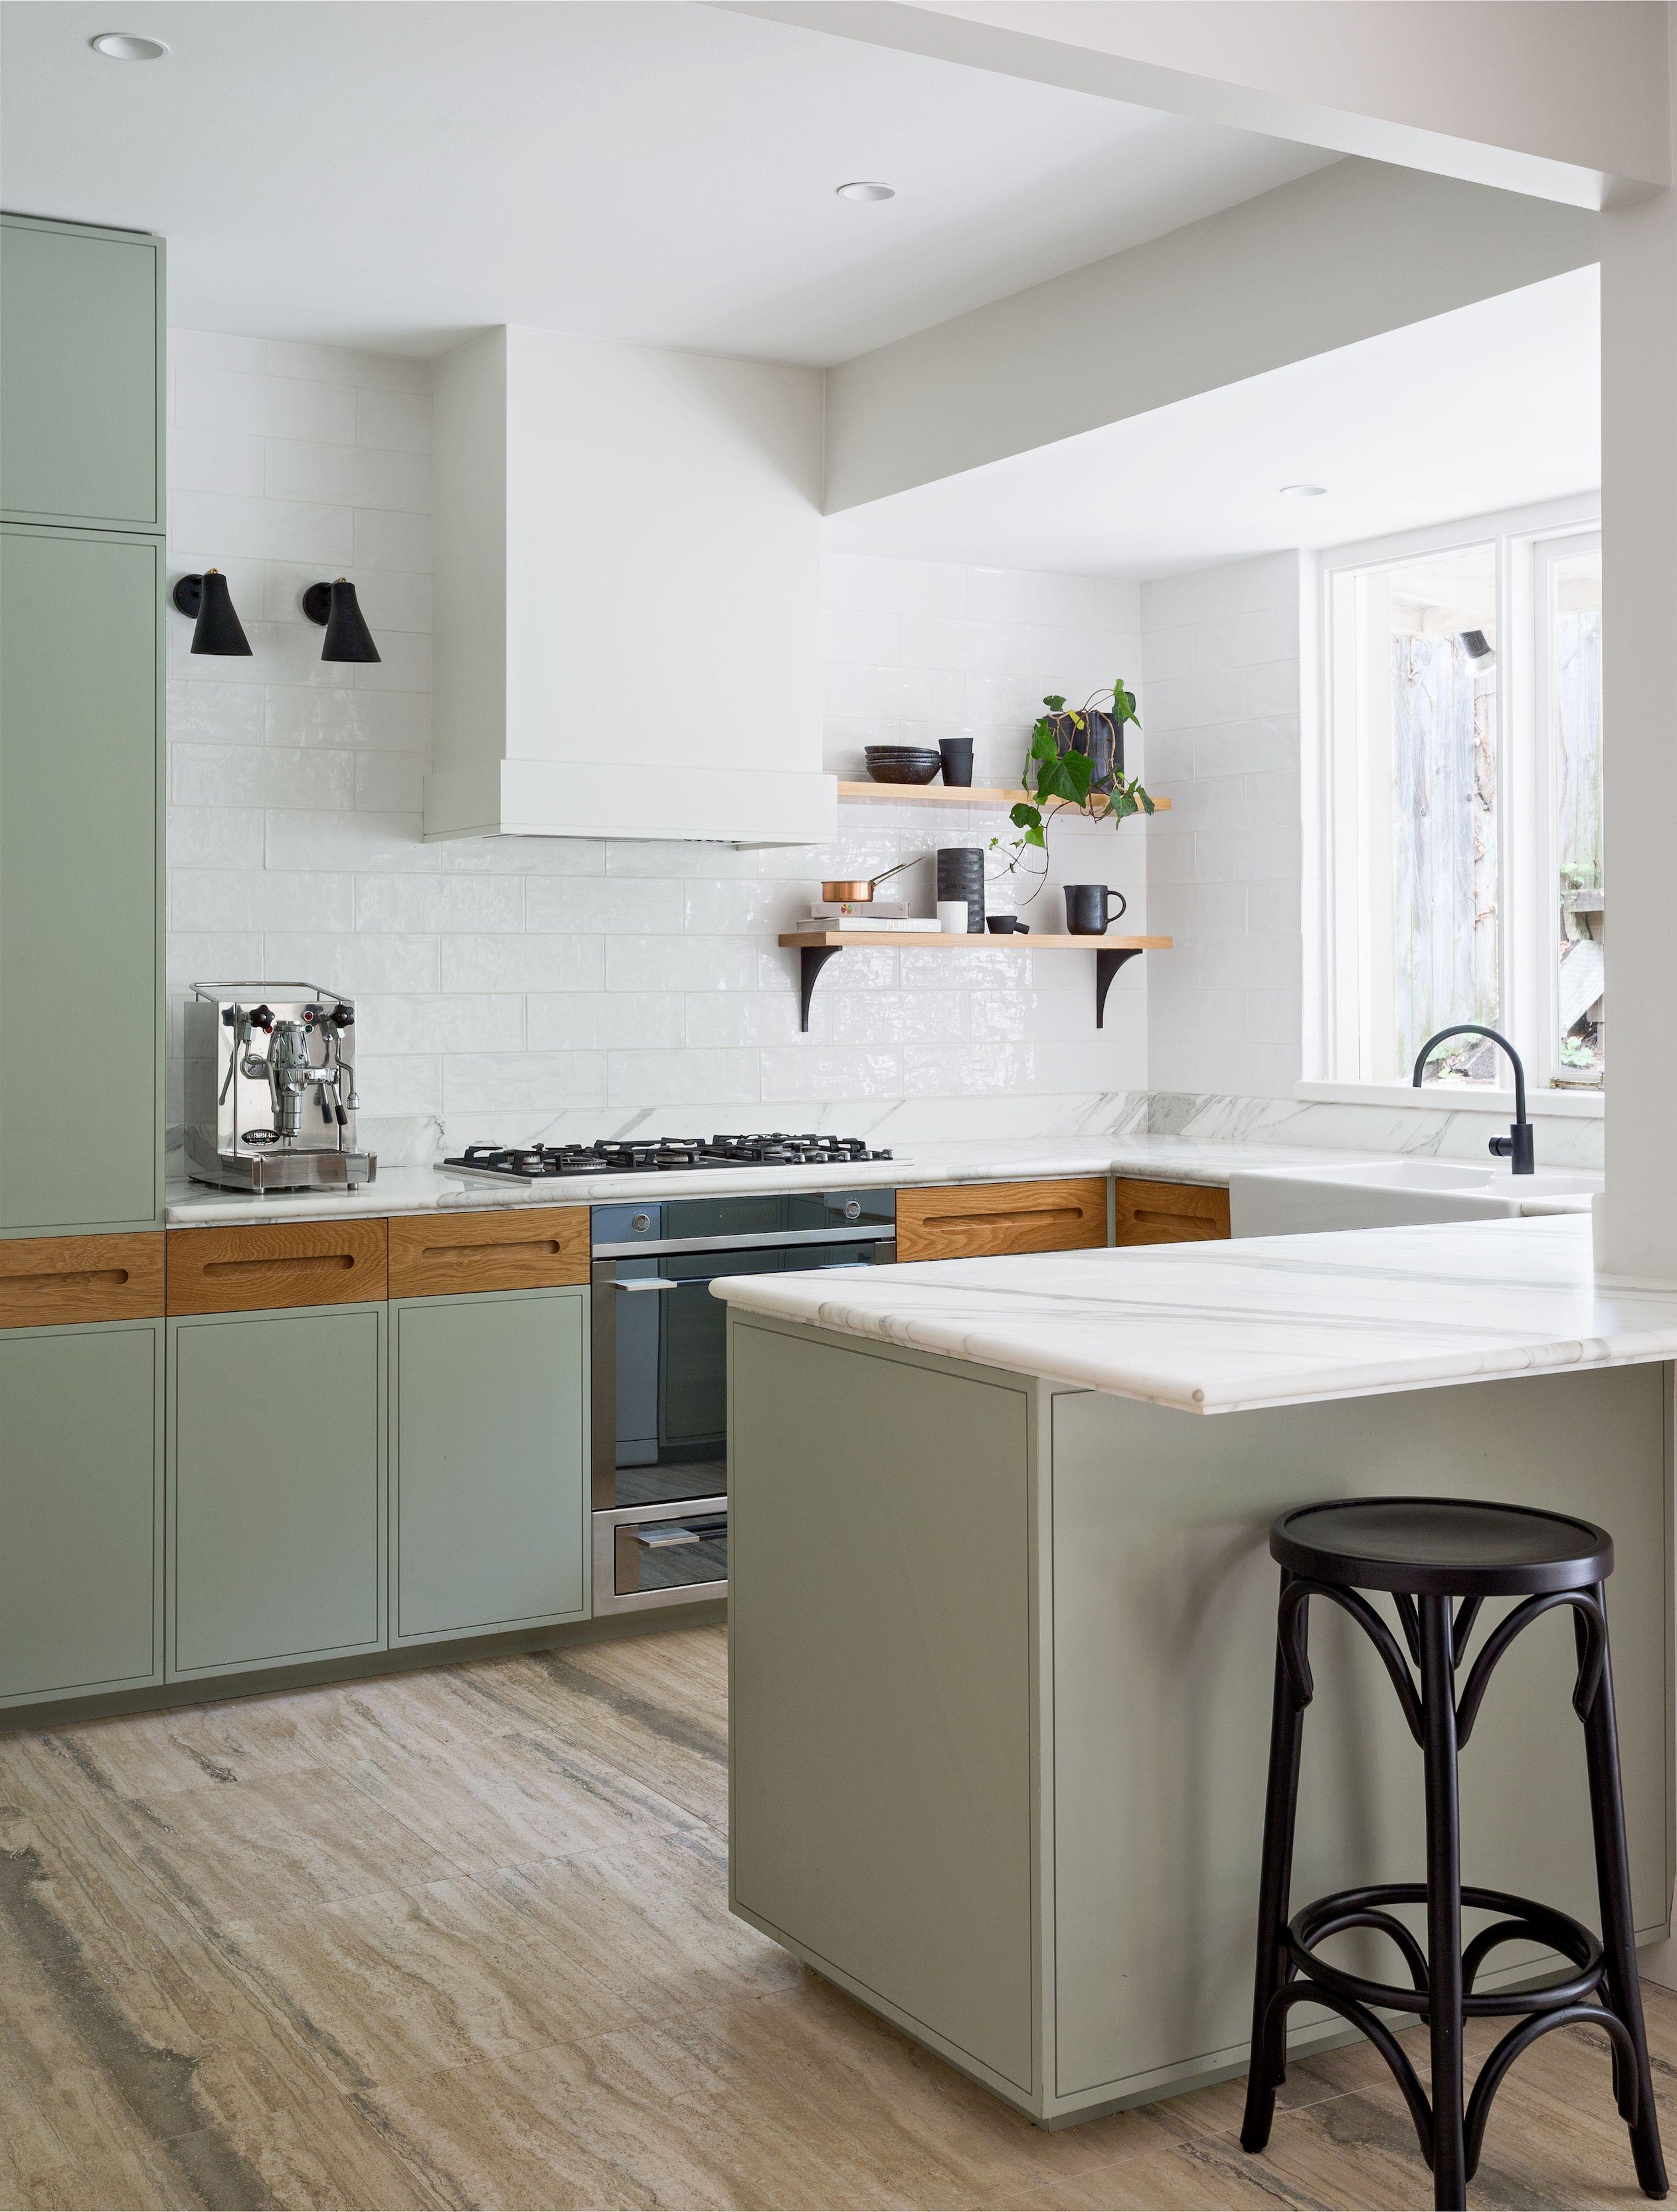 Groß Küchendesign Male Ideen Bilder - Ideen Für Die Küche Dekoration ...